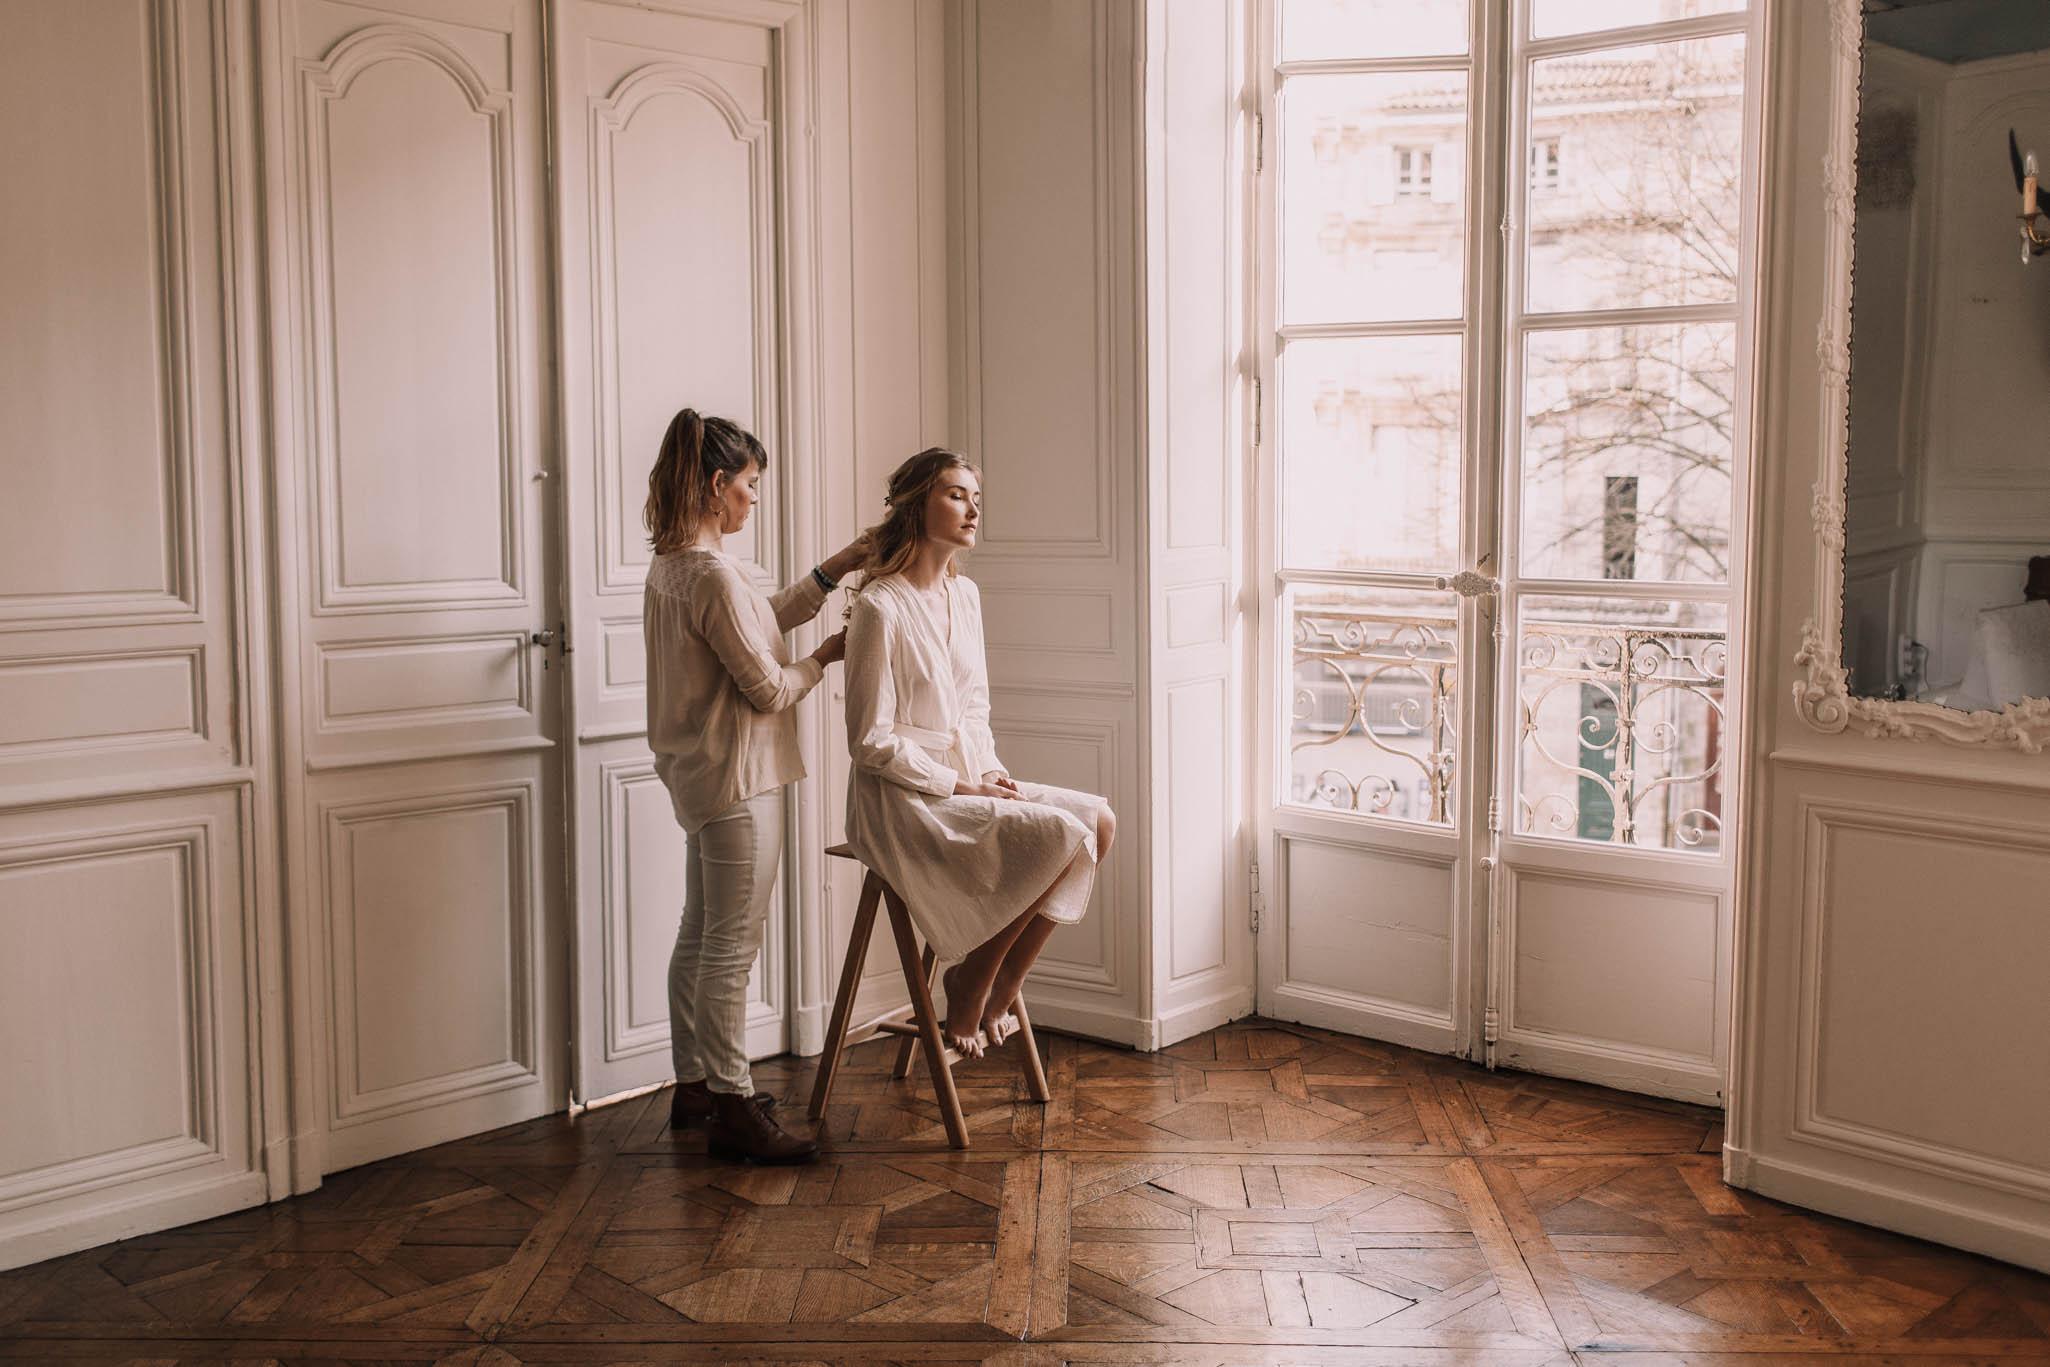 photographe-mariage-bordeaux-jeremy-boyer-white-minimal-13.jpg